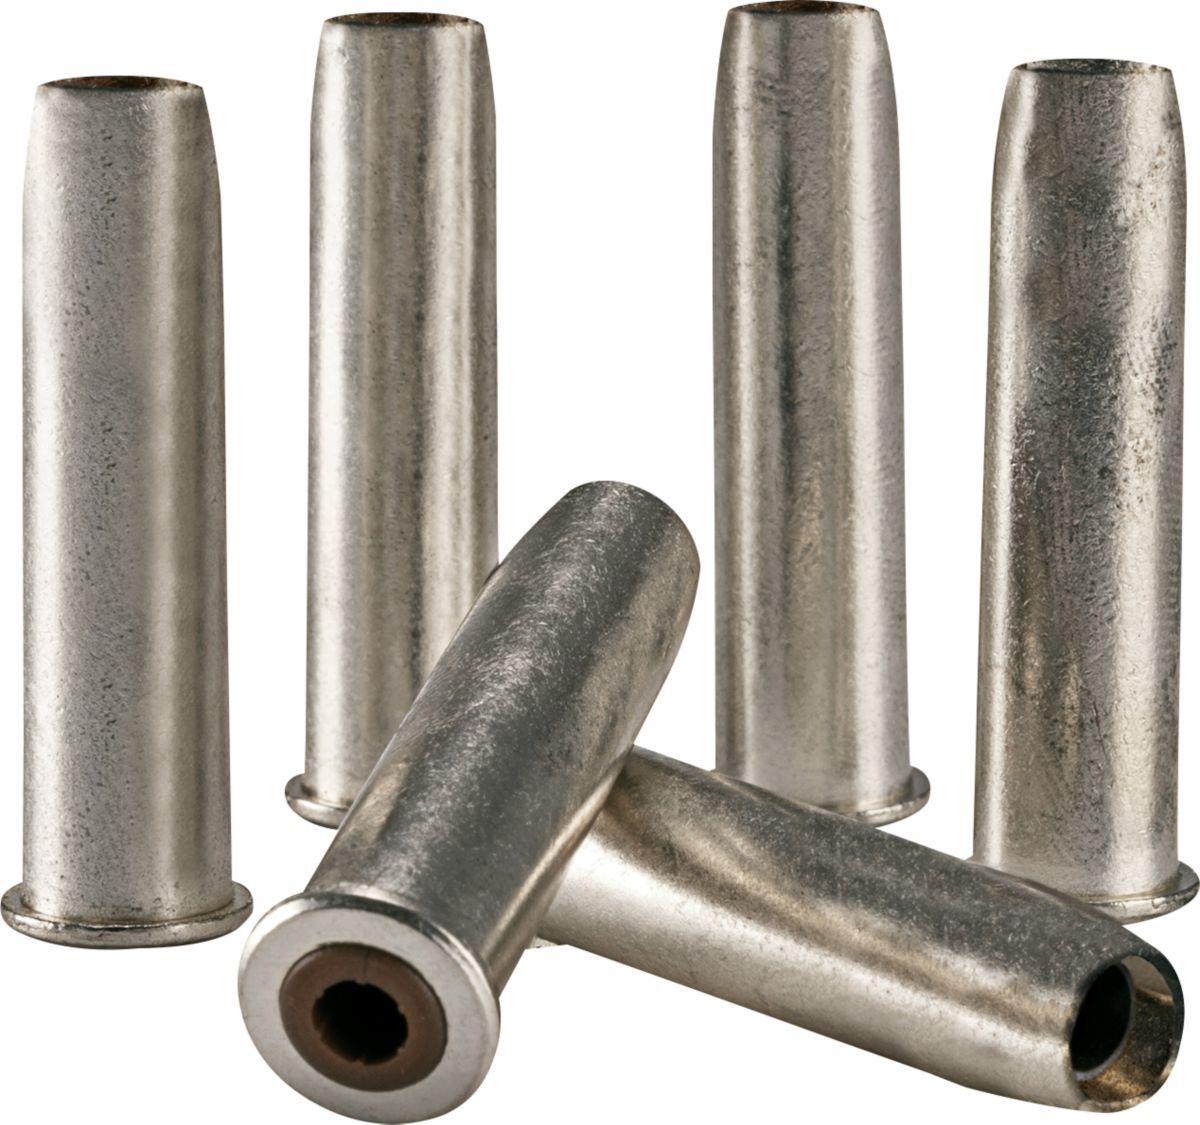 Colt® Peacemaker BB-Cartridges